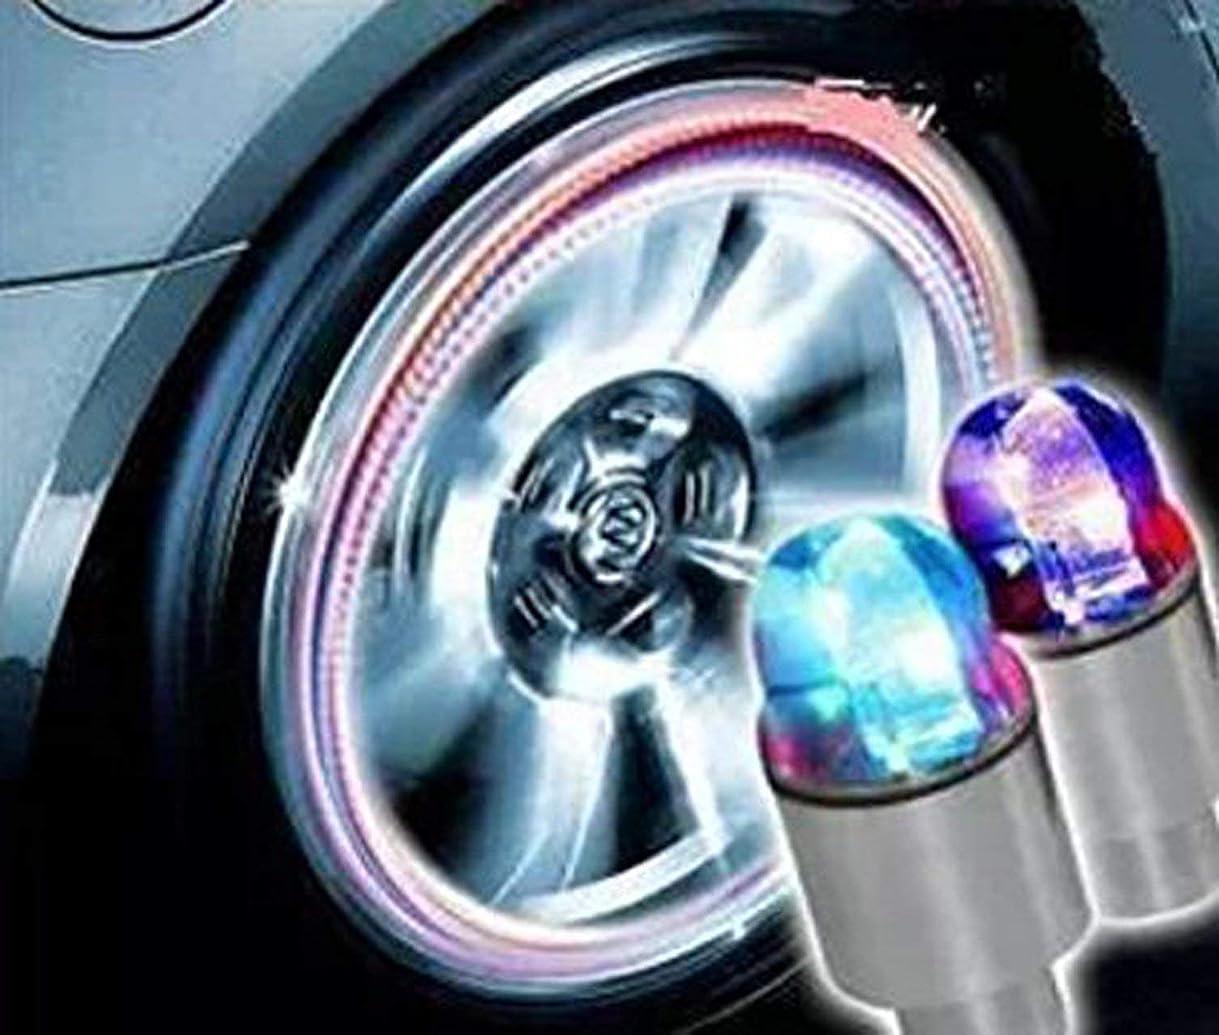 礼儀放置コーナー[Enseed アンシード] タイヤ バルブキャップ LED ライト センサー付き レインボー電池付き(自転車にも加) 4個